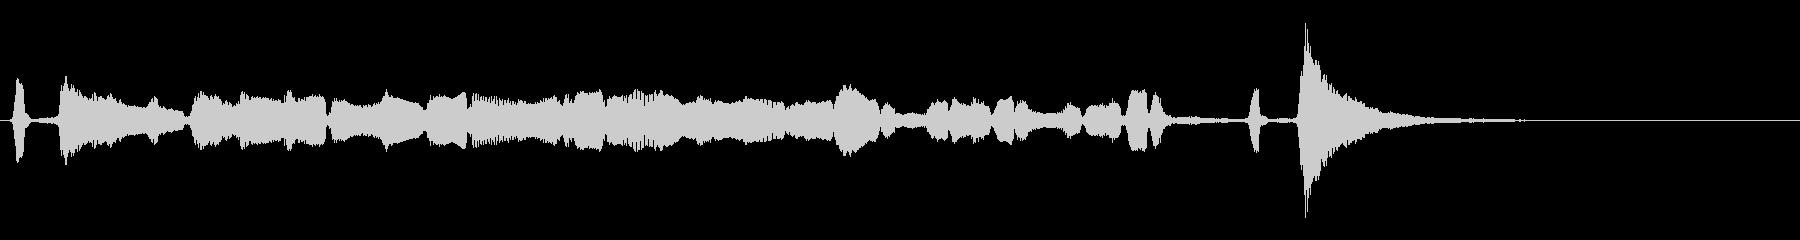 【生演奏】アコーディオンジングル42の未再生の波形